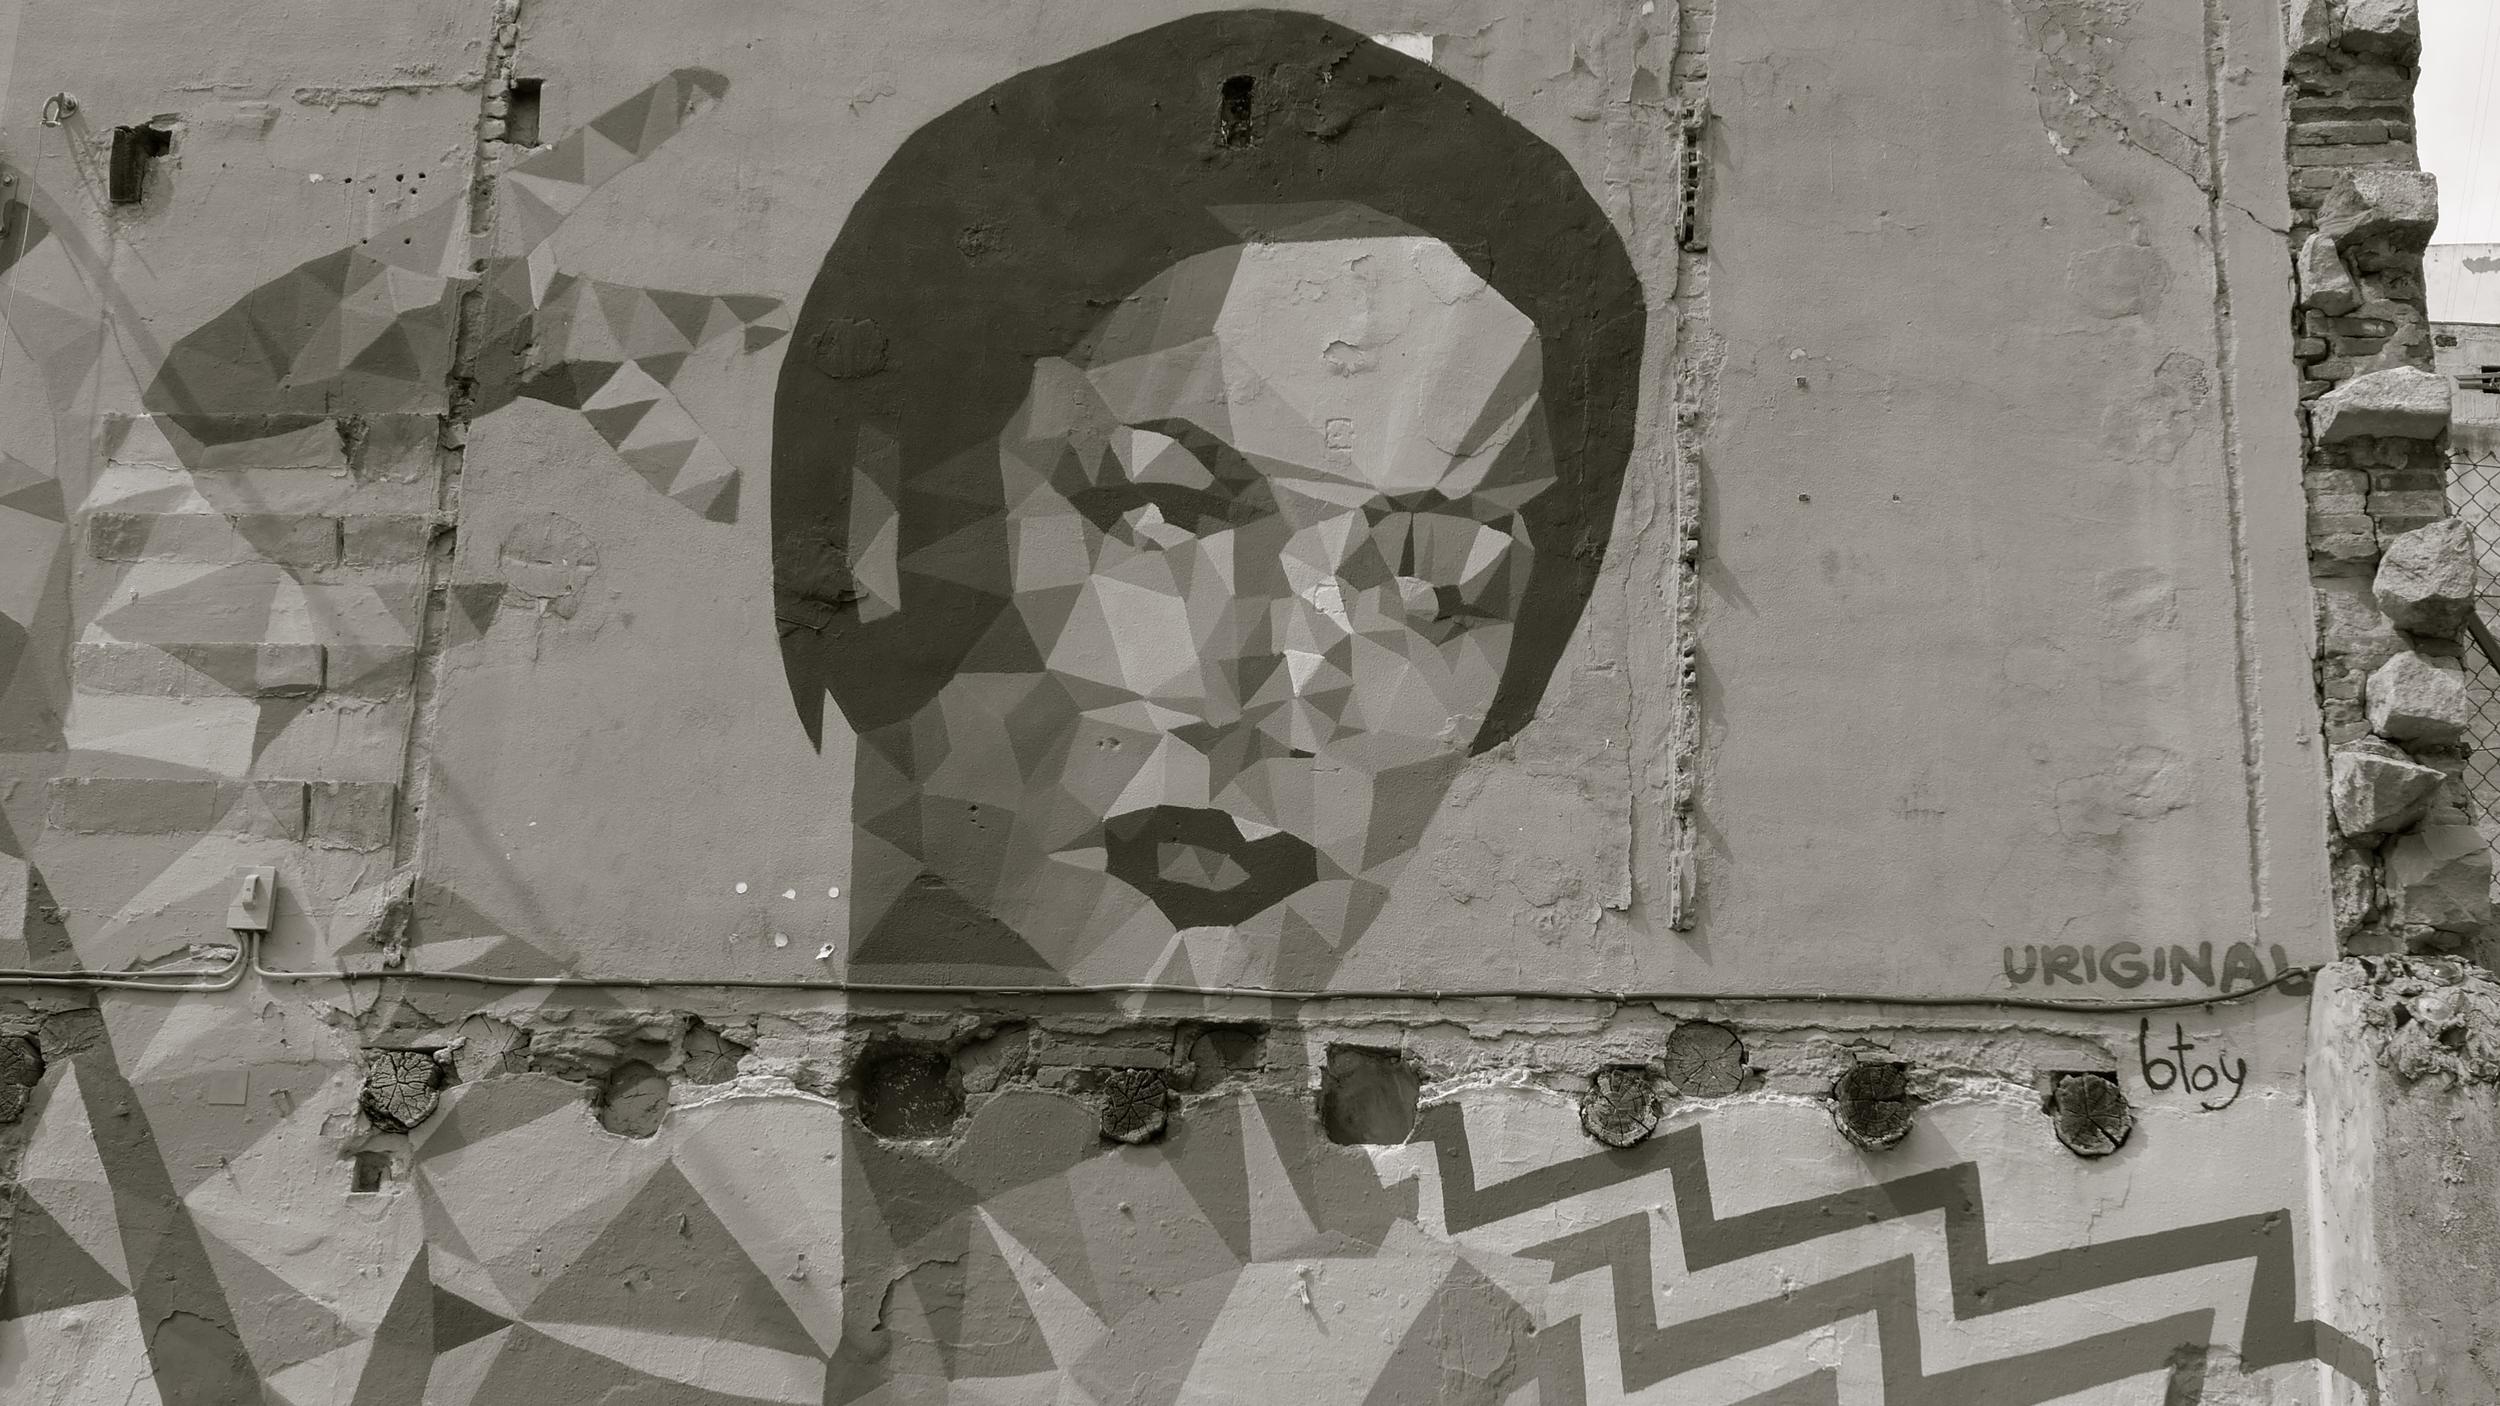 Carmen Amaya Uriginal graffiti